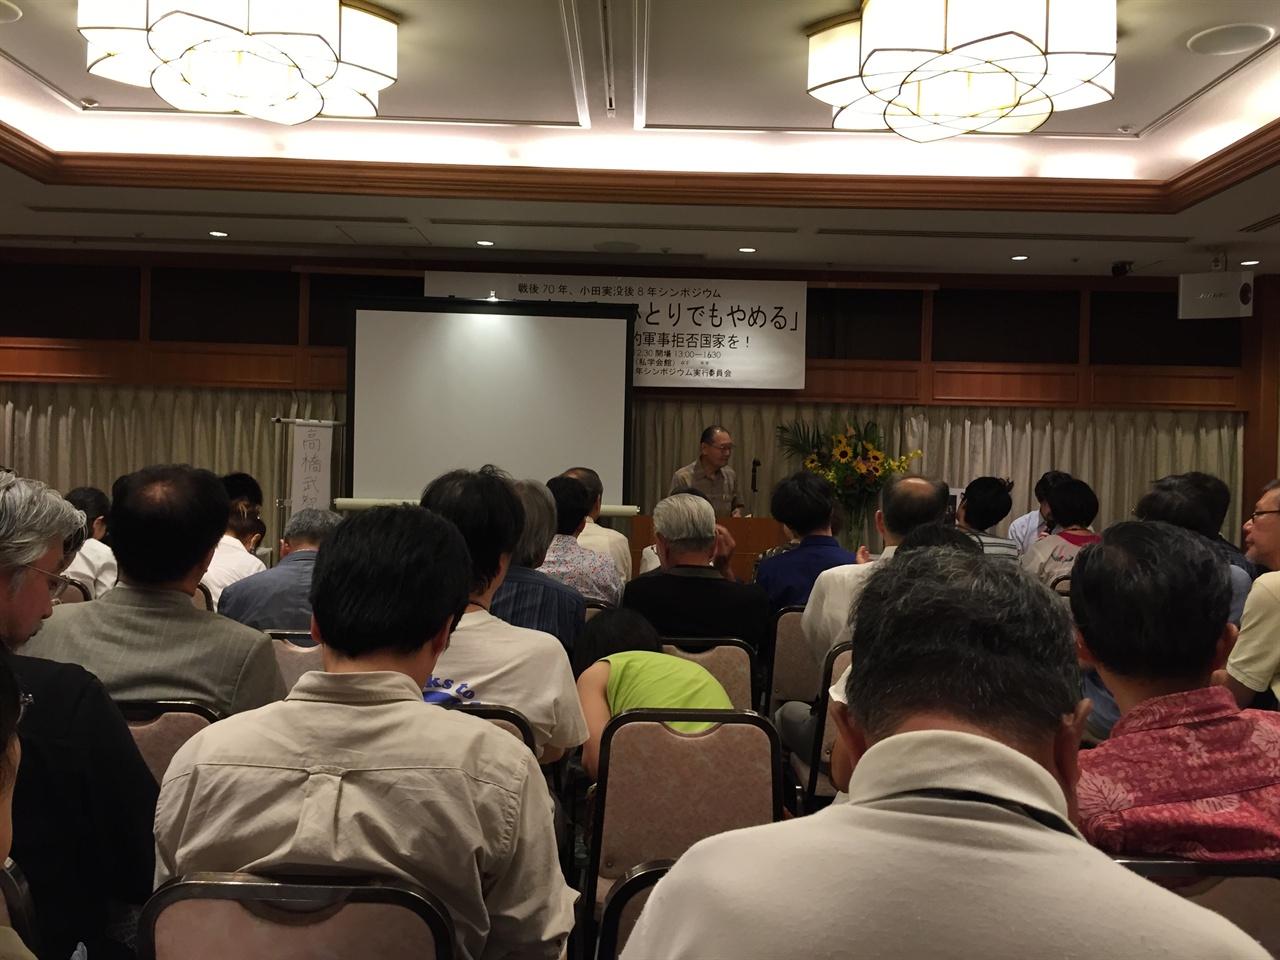 다카하시 다케토모씨의 발언 안보 법안과 관련해서, '전쟁 할 수 있는 나라'로 변화하는 일본에 관한 위기감을 모두가 공유하고 있었다.